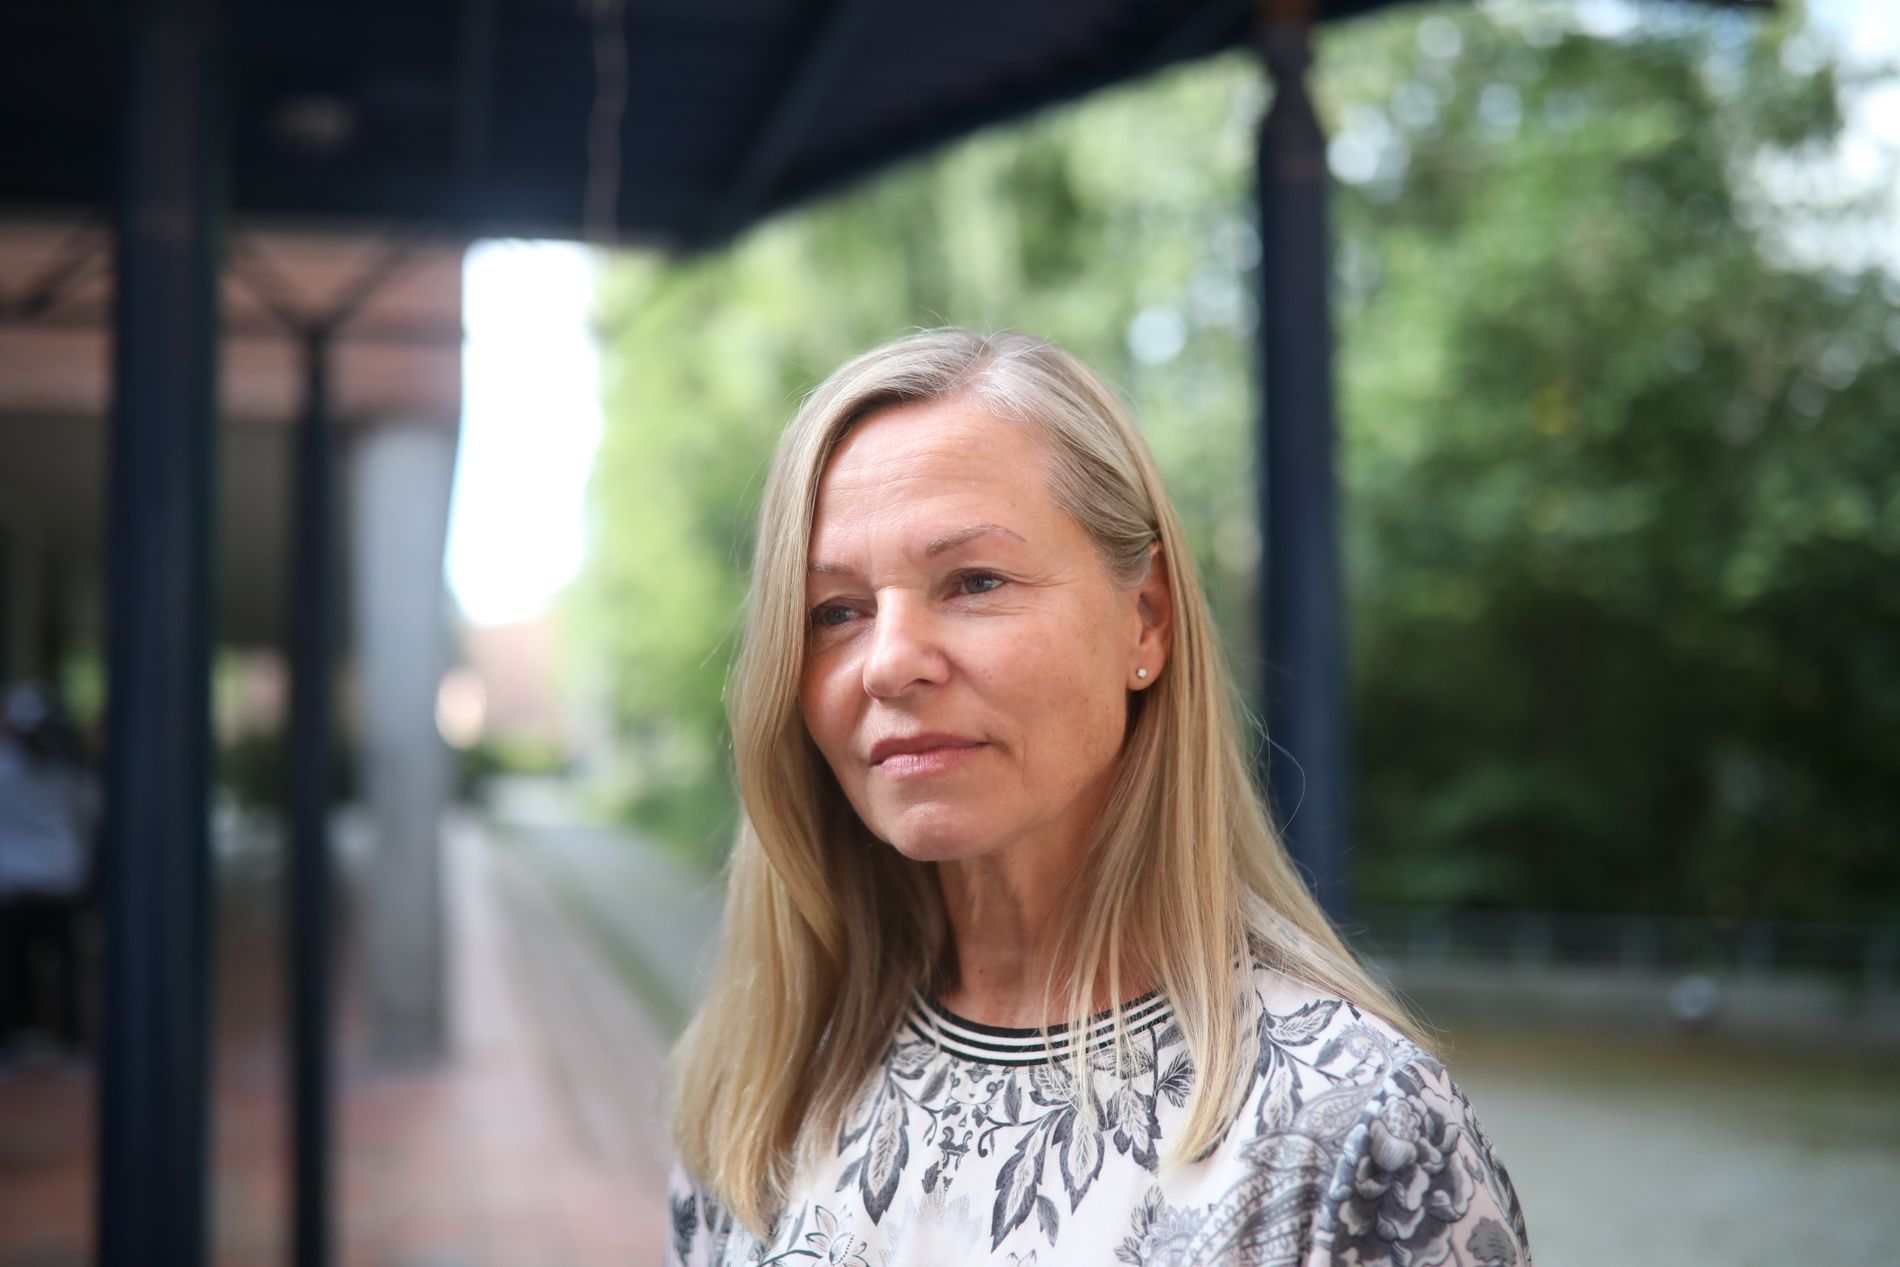 ÅPNER SKOLEN: Rektor ved Sandvika videregående skole, Ann Hege Jerve, har valgt å holde skolen åpen for elevene som ønsker å samles tirsdag.